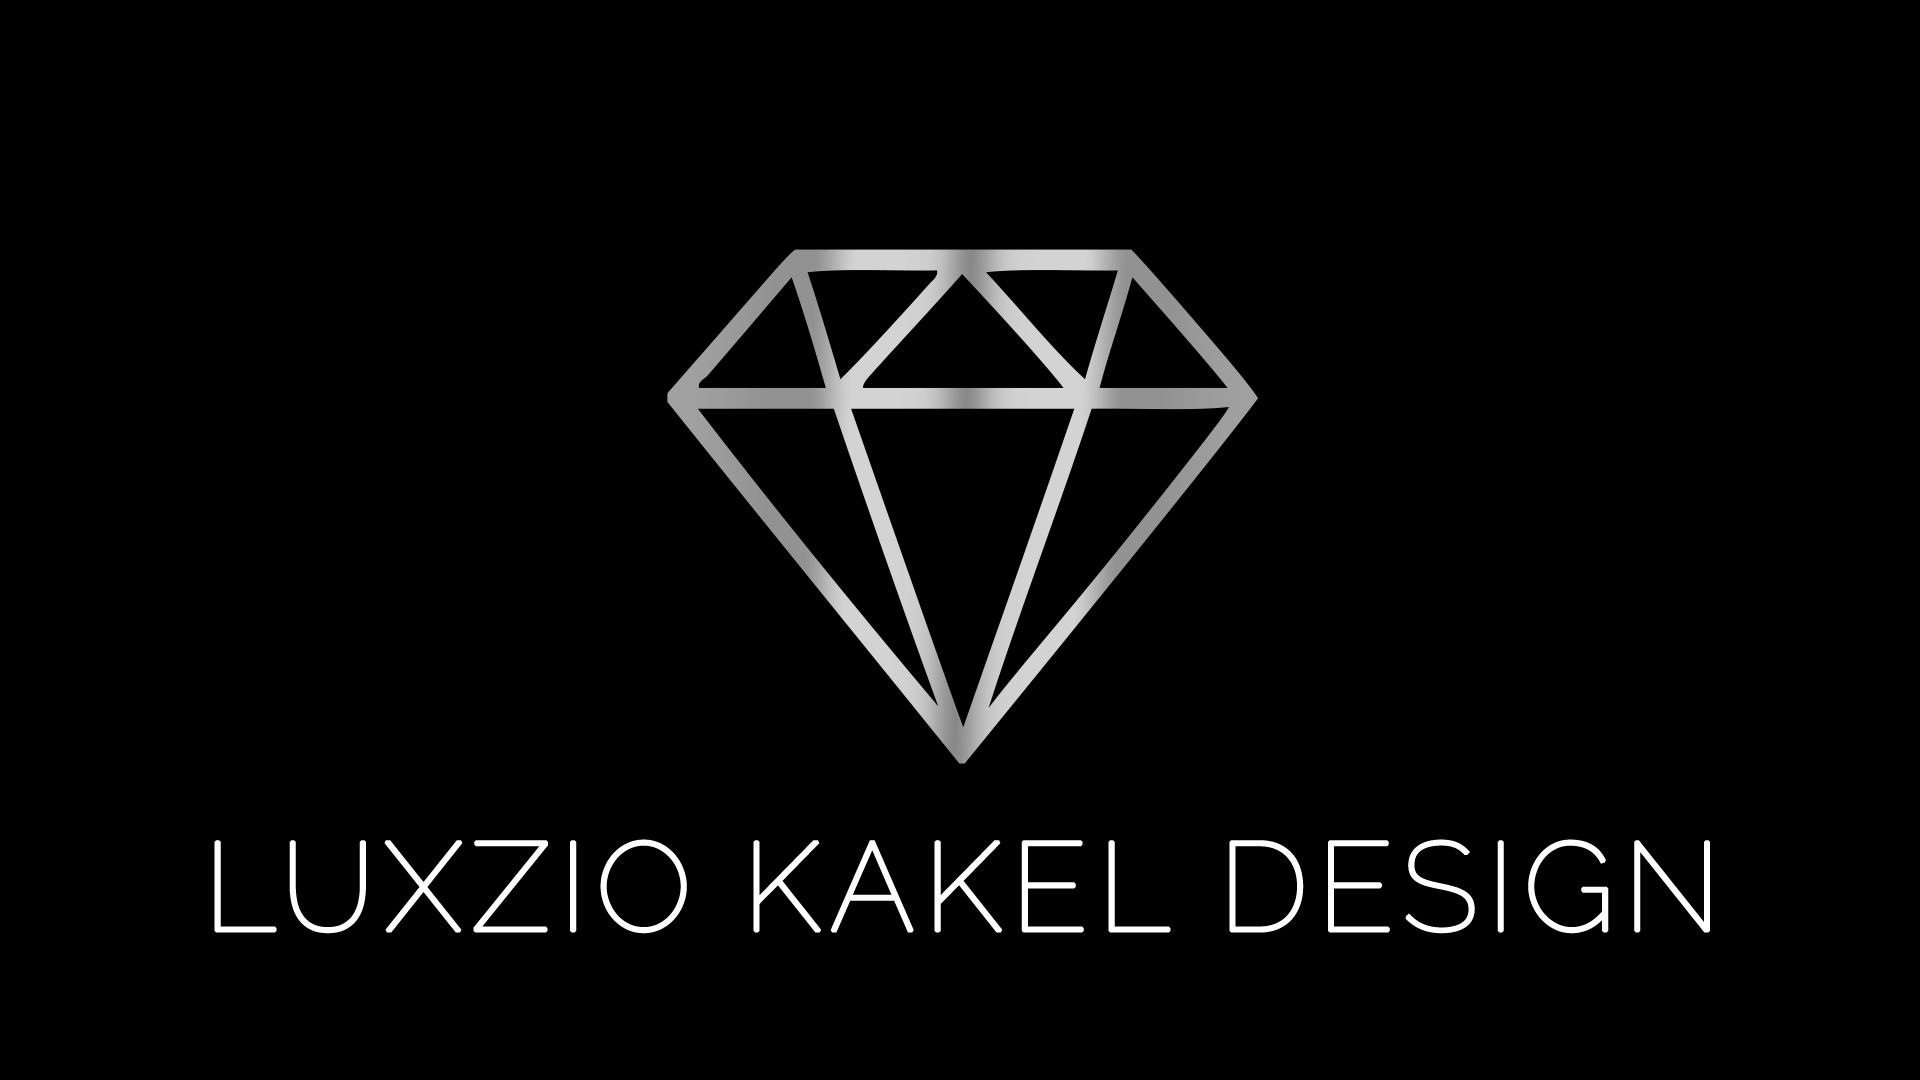 Luxzio logo svart bakgrund